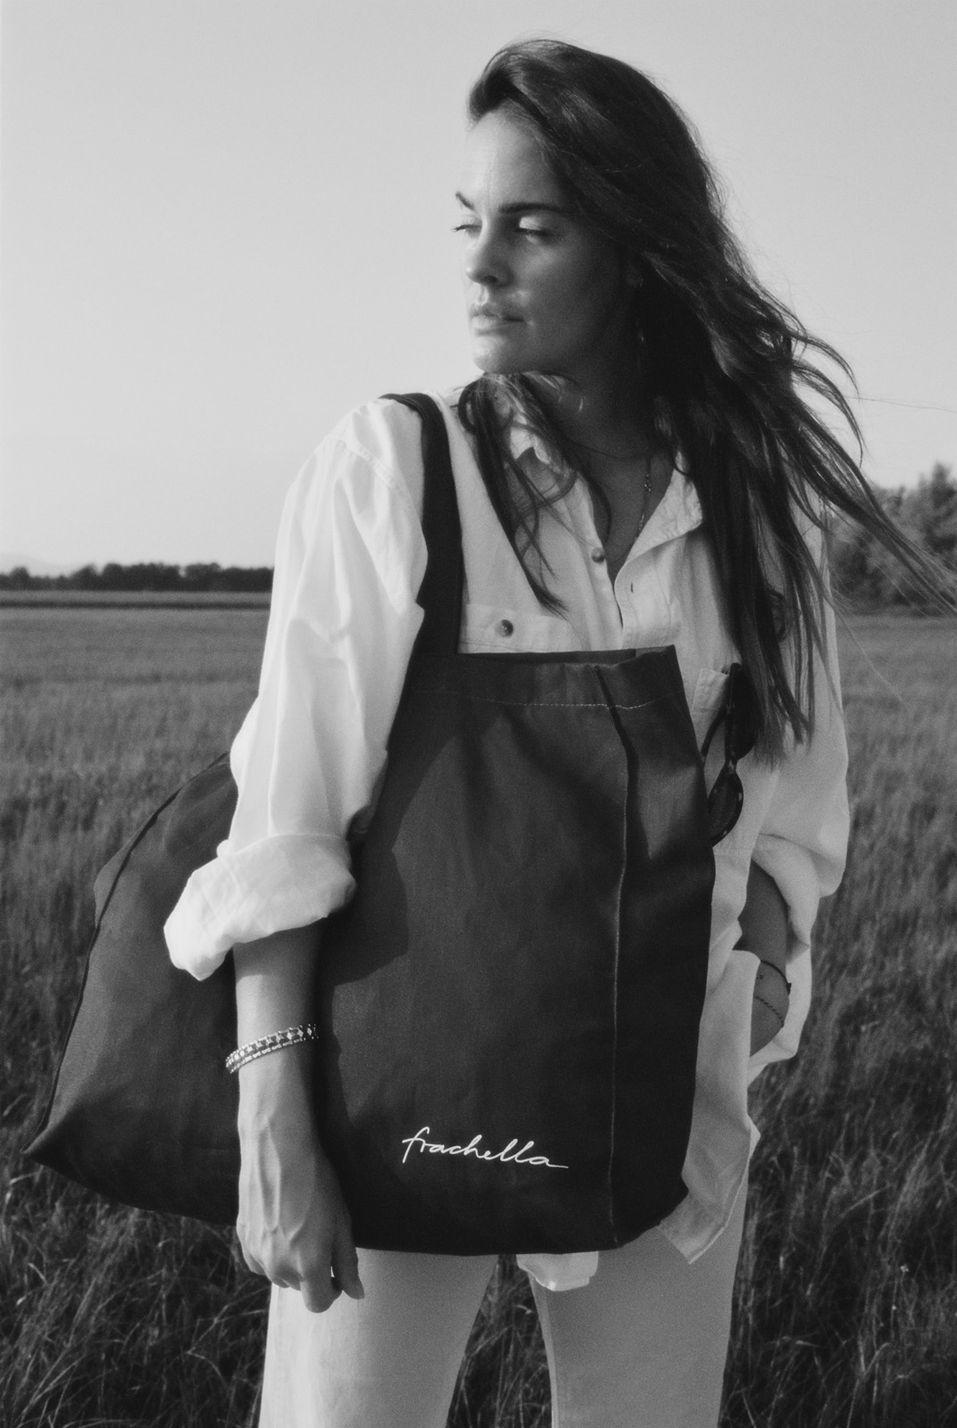 black and white photo of mateja skraba by mark kucler for frachella